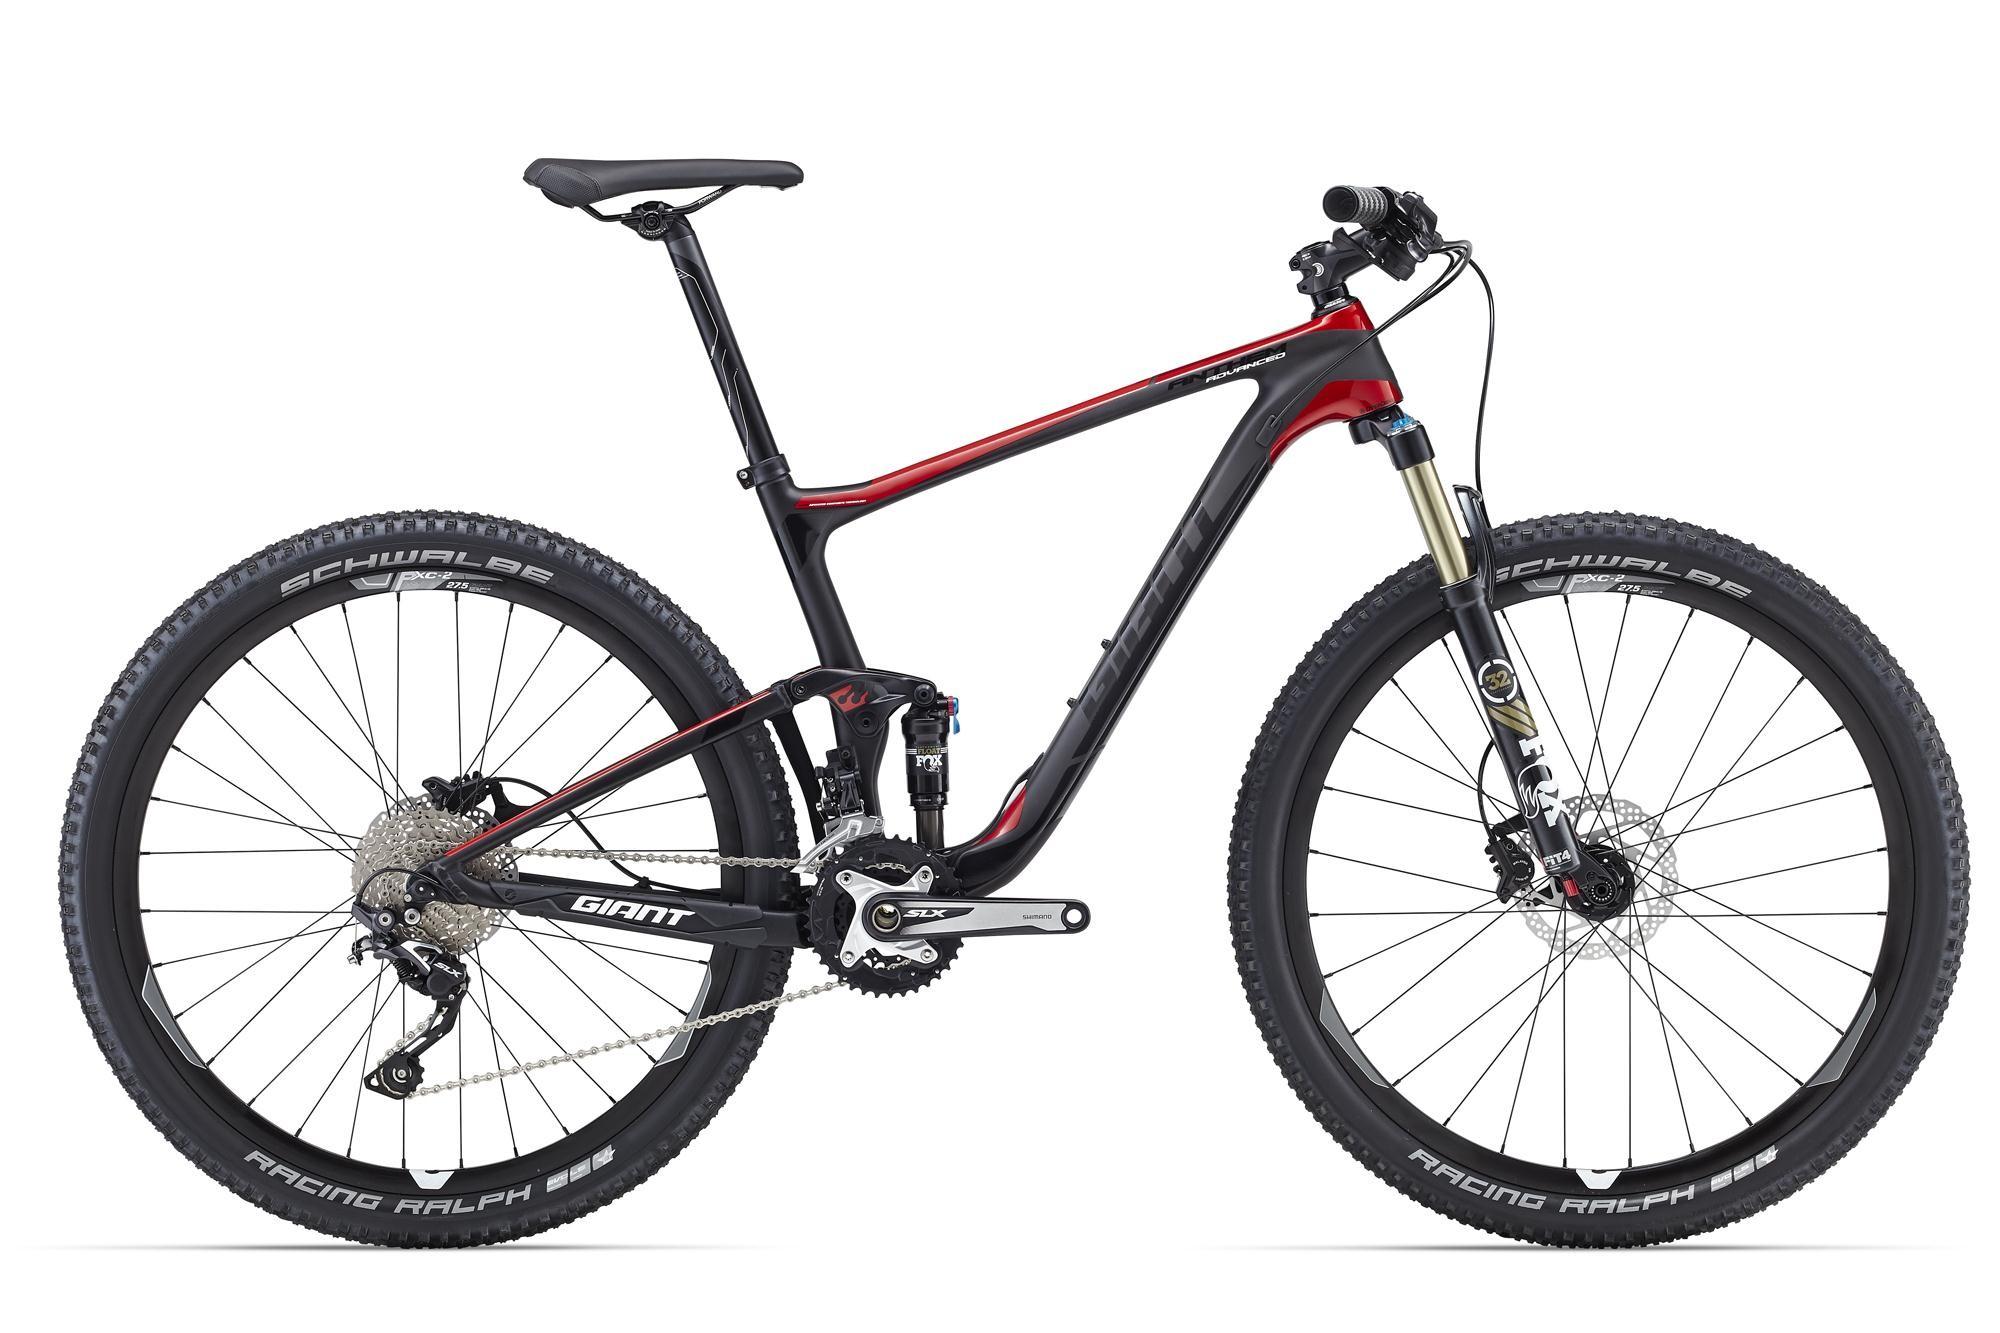 Купить Велосипед Giant Anthem Advanced 27.5 2 2016 Comp/Red, Двухподвесы, 1262283